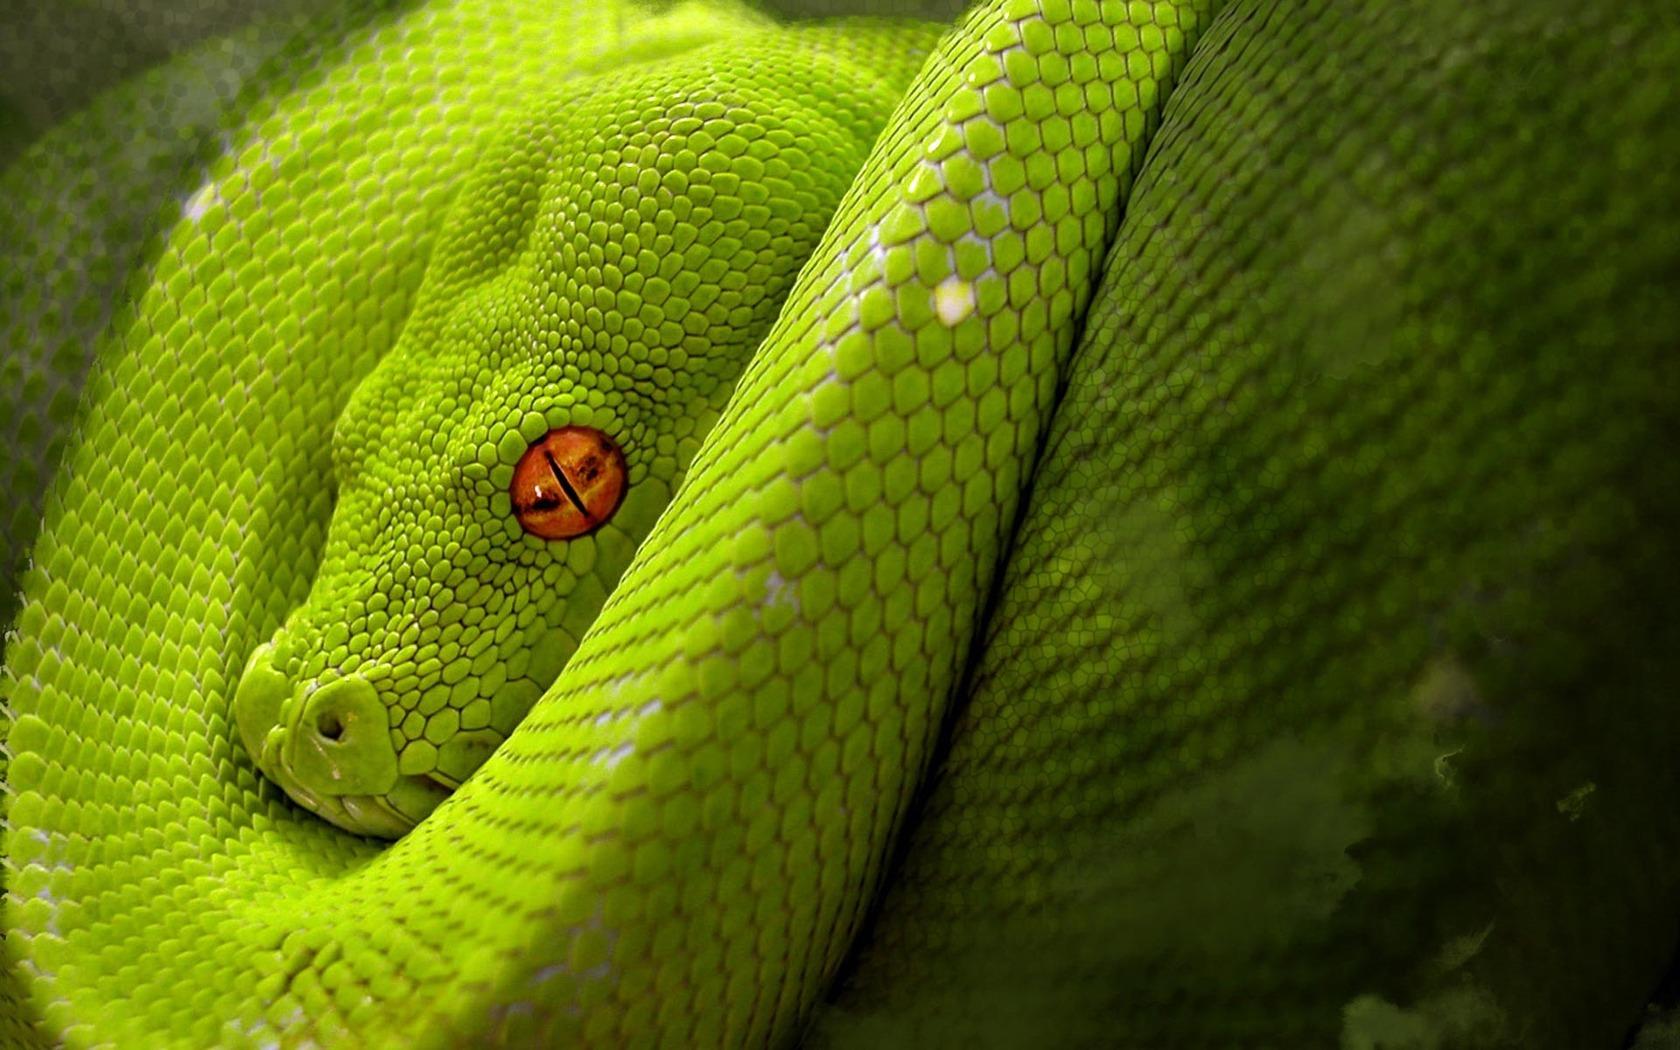 venomous snake wallpaper venomous snakes images dowload venomous 1680x1050